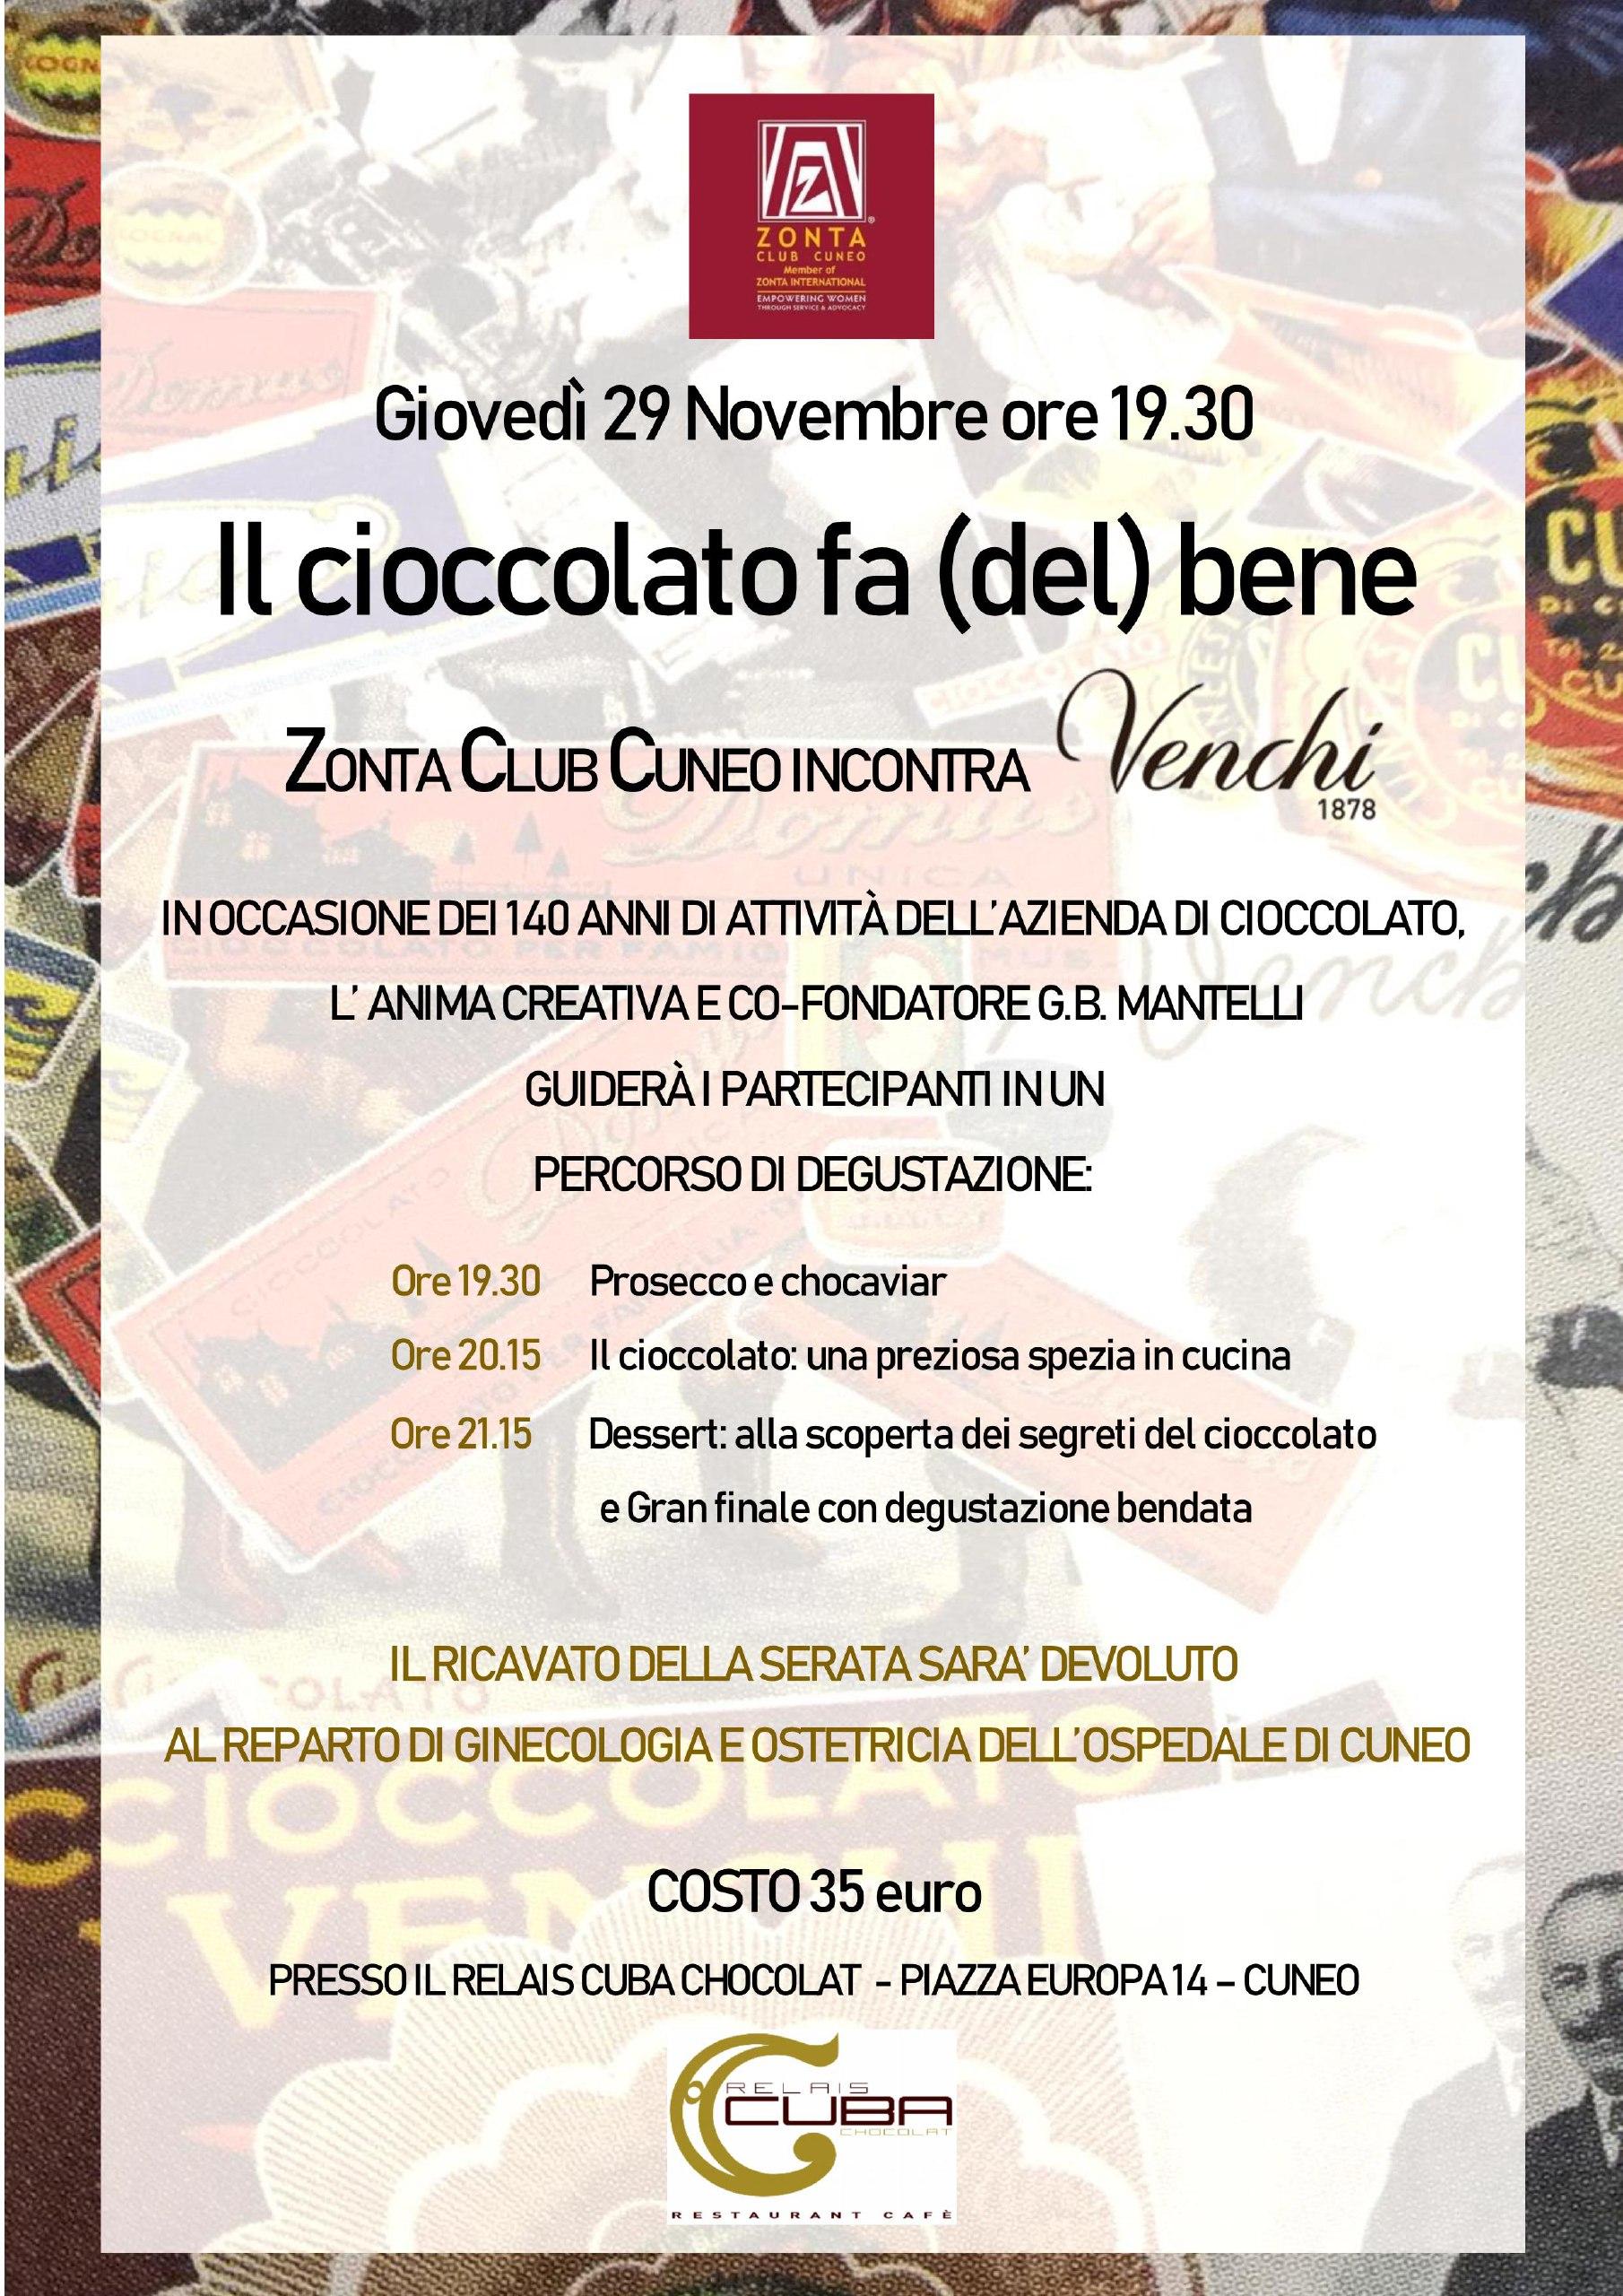 Evento benefico per raccolta fondi, in collaborazione con la nota azienda di cioccolato Venchi